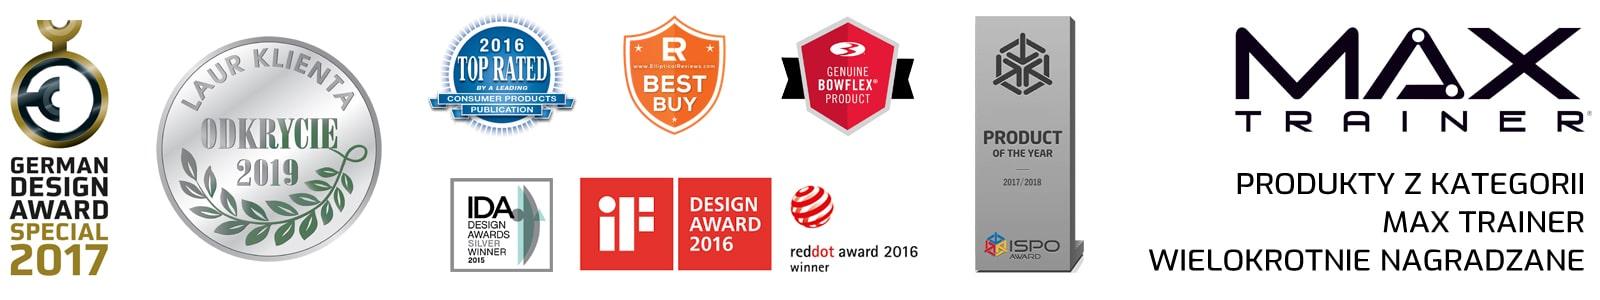 bowflex_produkty-wielokrotnie-nagradzane.jpg